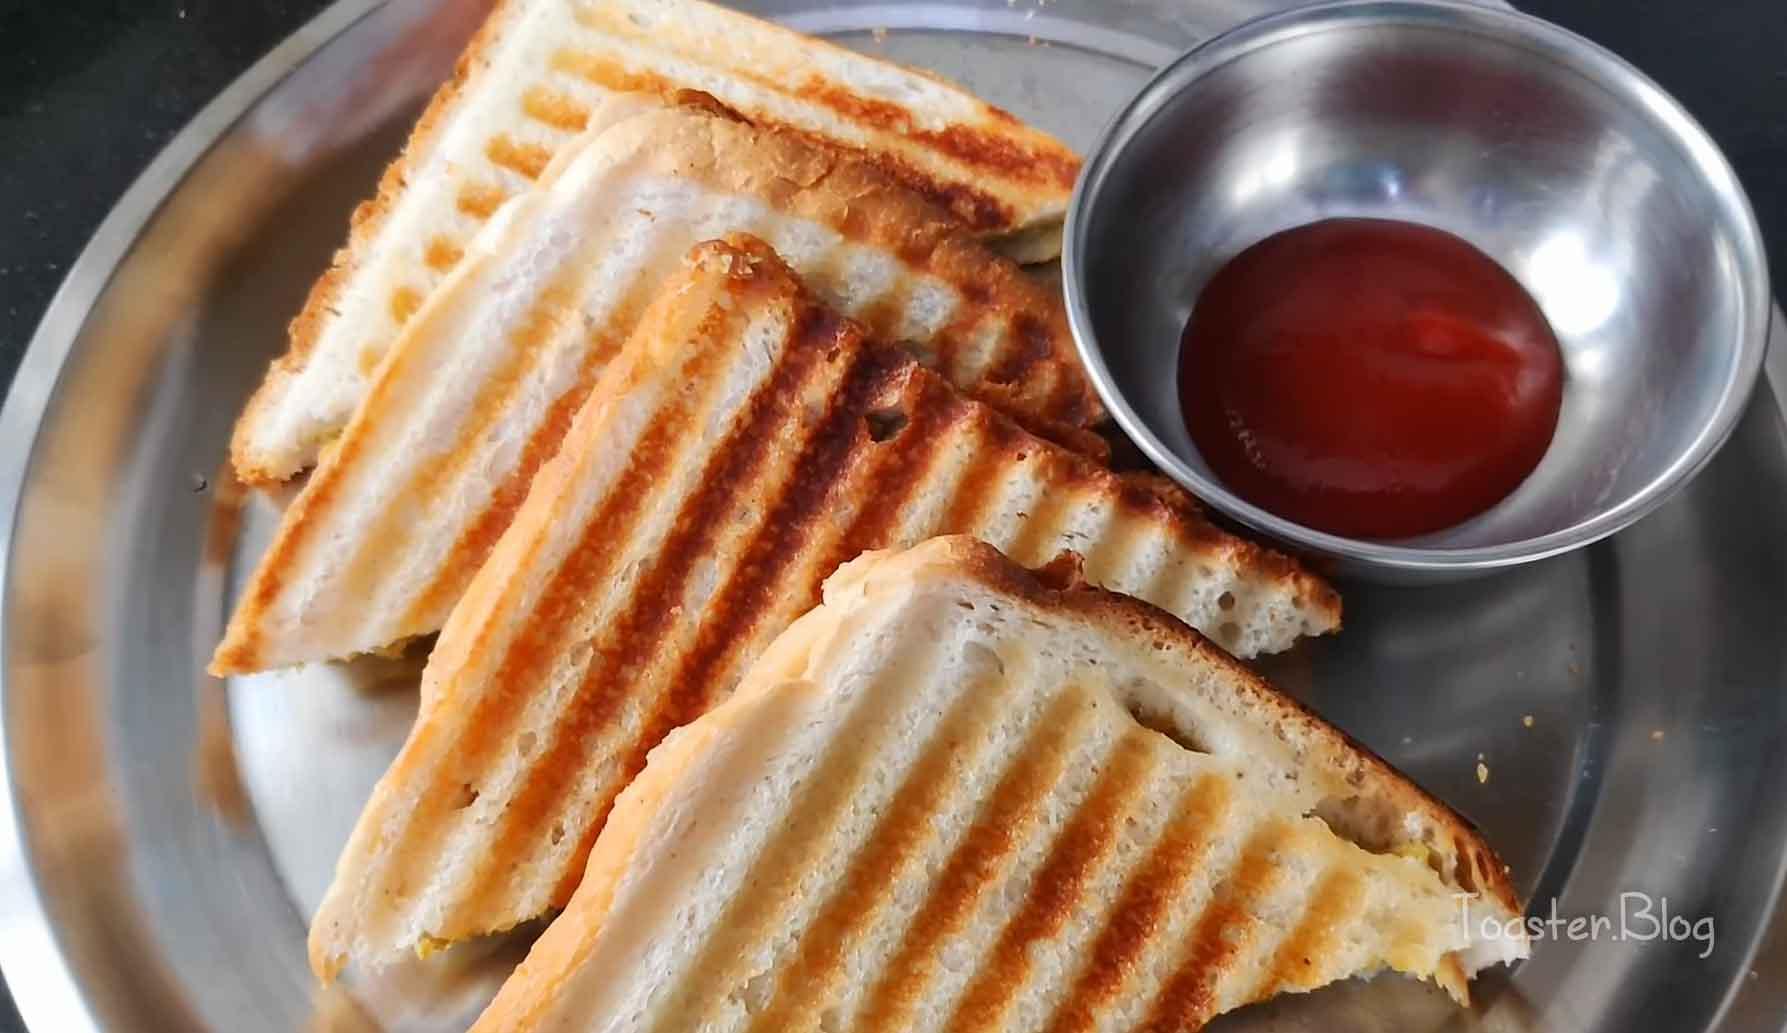 Best bread sandwich toaster